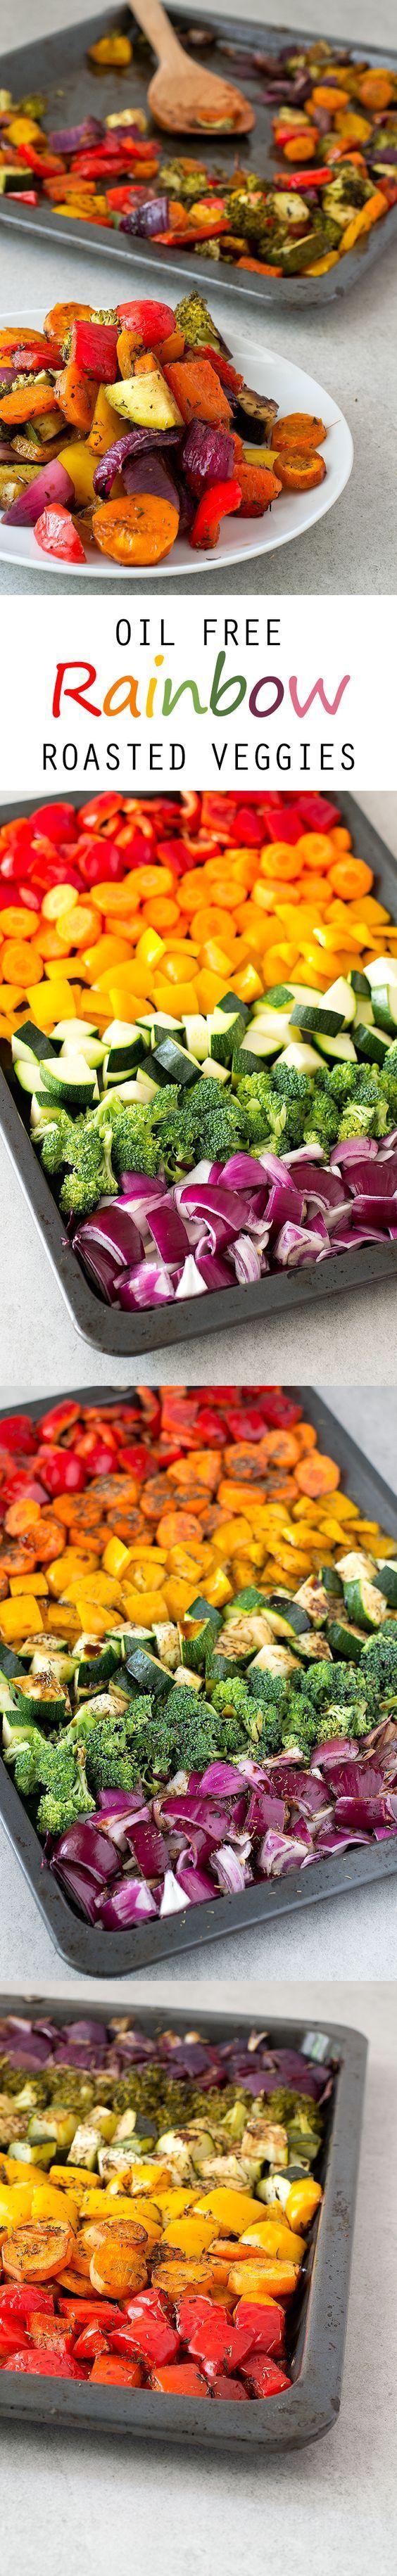 Oil Free Rainbow Roasted Vegetables #vegan #glutenfree _ 250 g poivrons rouges, 200 g poivrons jaunes, 250 g carottes, 250 g courgettes, quelques bouquets brocoli (100 g), 200 g oignons rouges, 1 cs thym séché, vinaigre balsamique au goût. Préchauffer le four 200 ºC. Placer les légumes sur une plaque avec feuille de cuisson, ajouter thym et vinaigre balsamique au goût. Cuisson env. 25 mn.